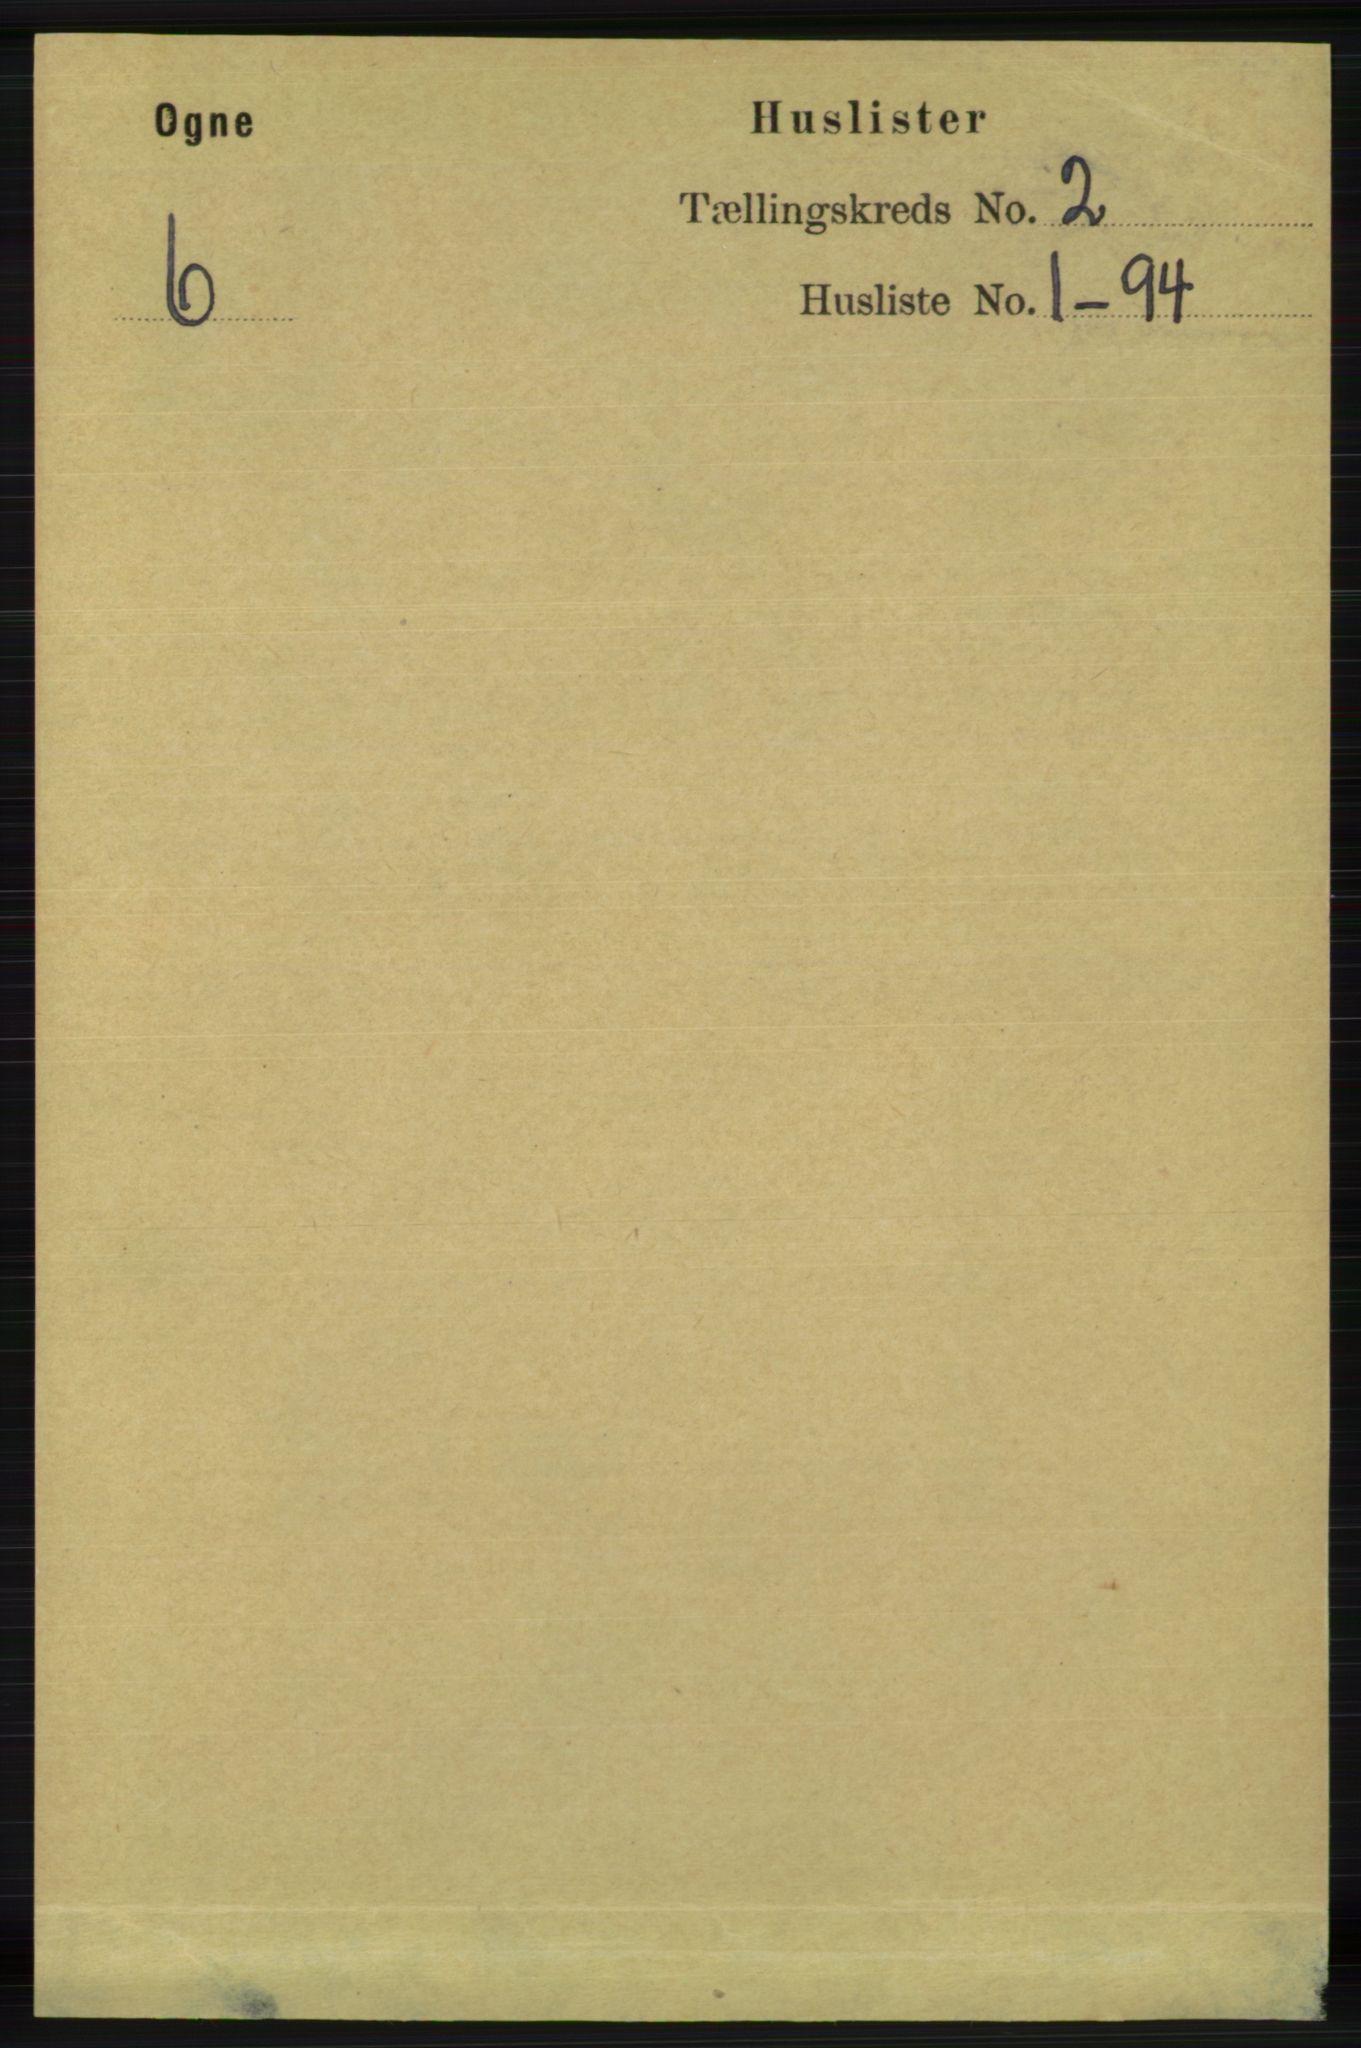 RA, Folketelling 1891 for 1117 Ogna herred, 1891, s. 669